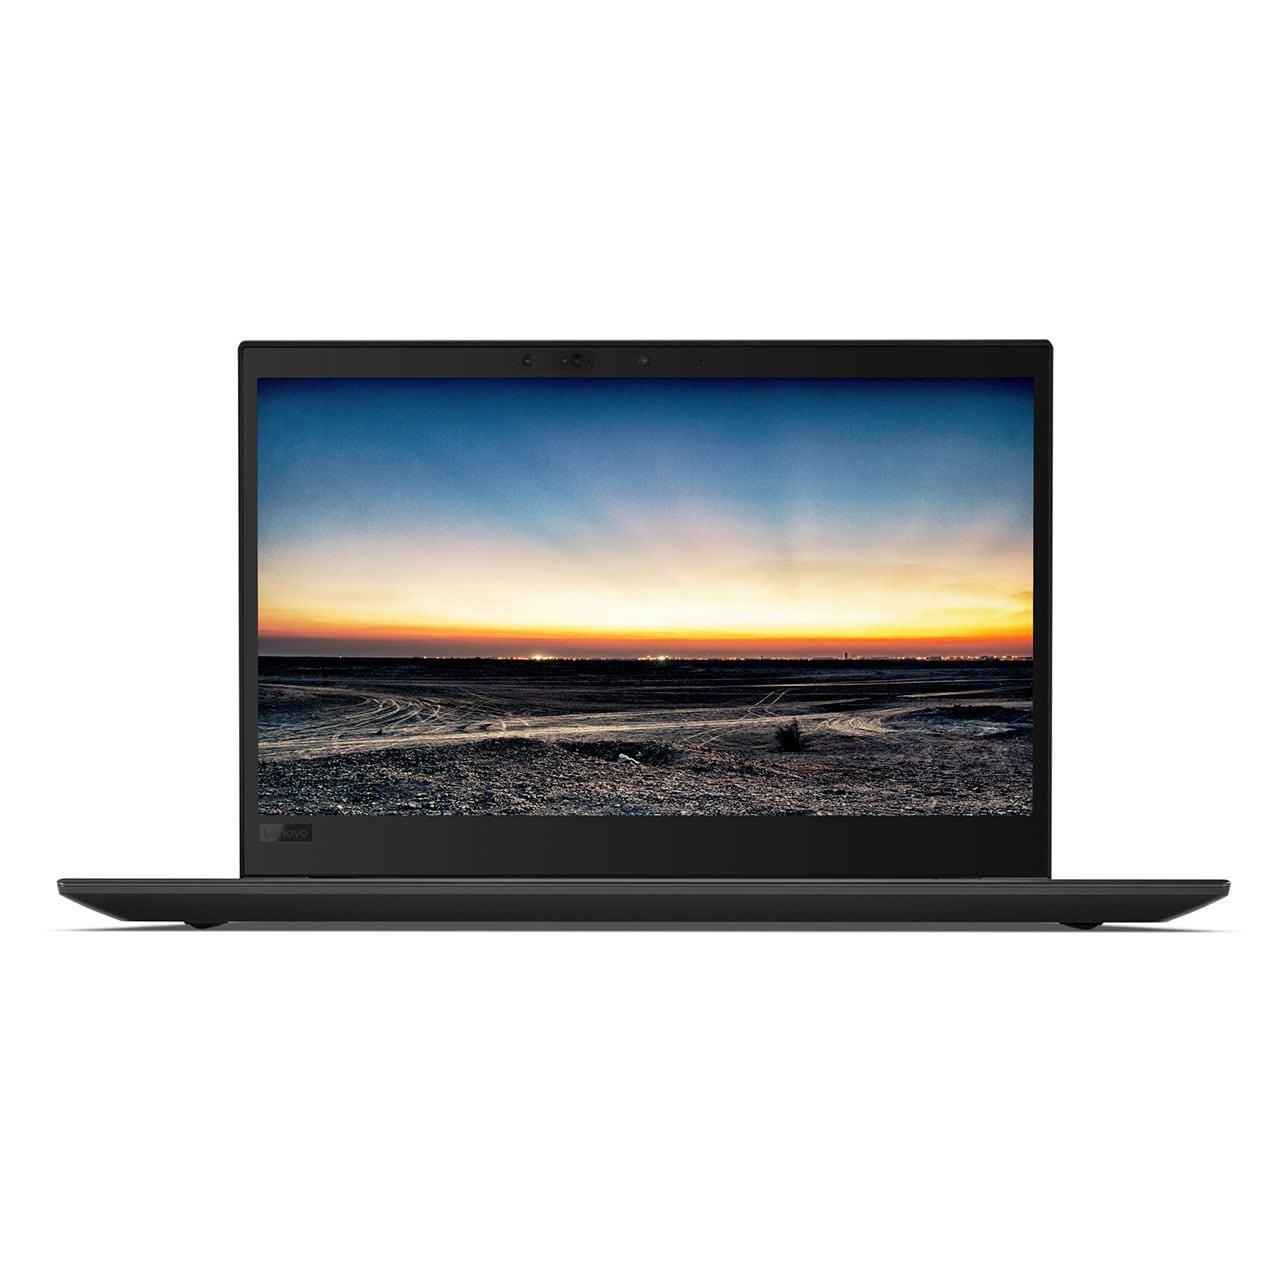 """Lenovo ThinkPad T580, 15.6"""", i5-8250U, 8 GB RAM, 256GB SSD, Win 10 Pro 64 0"""